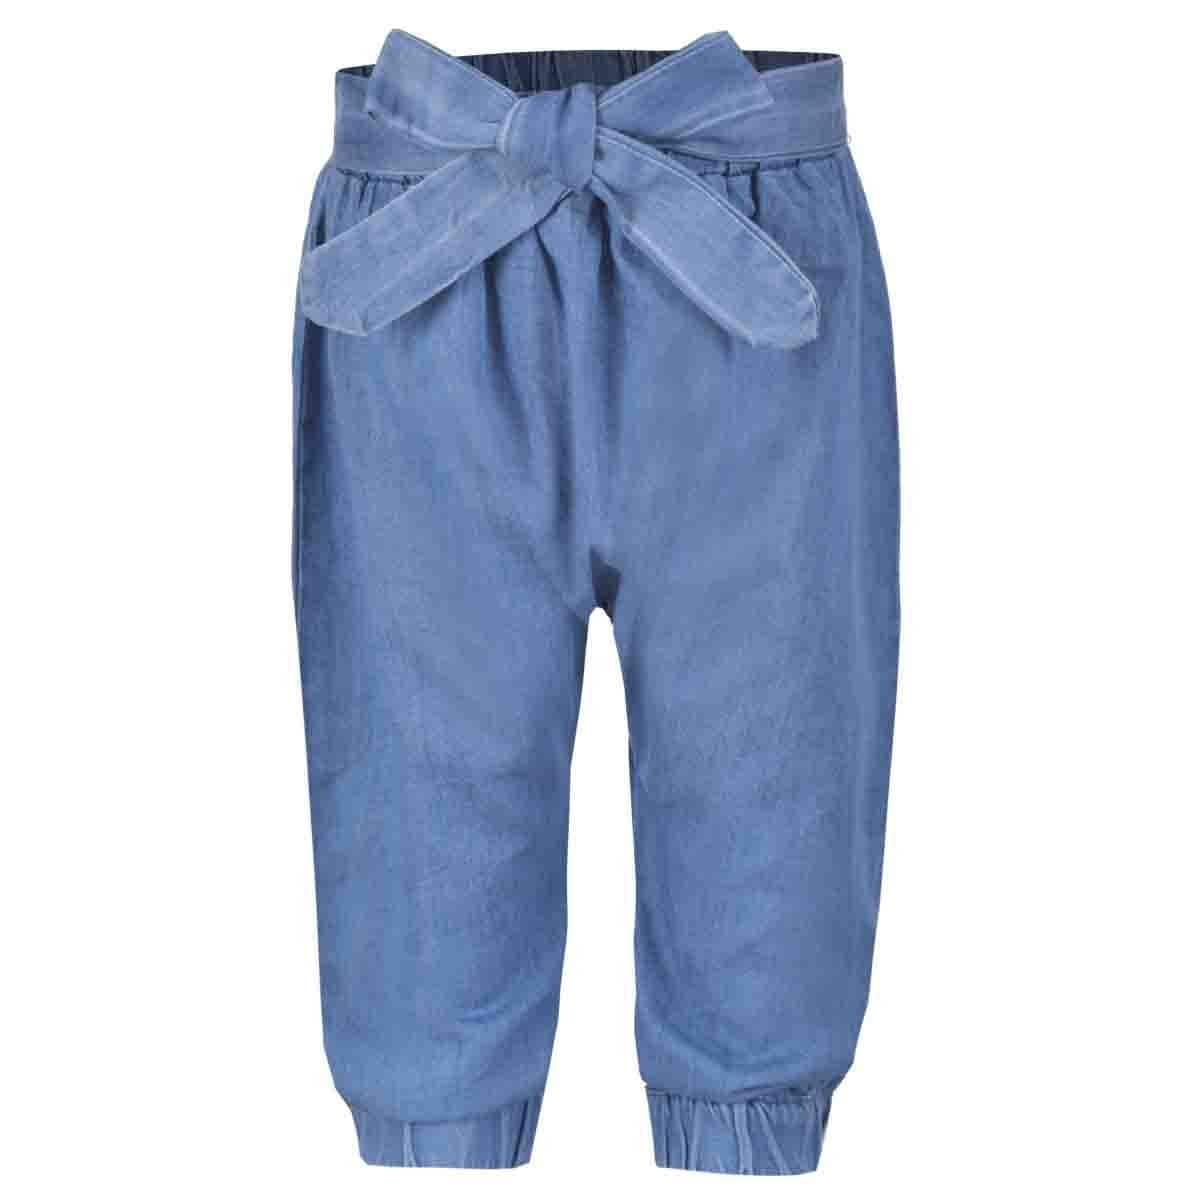 Pantalón de Mezclilla para Niña Carosello para Bebé